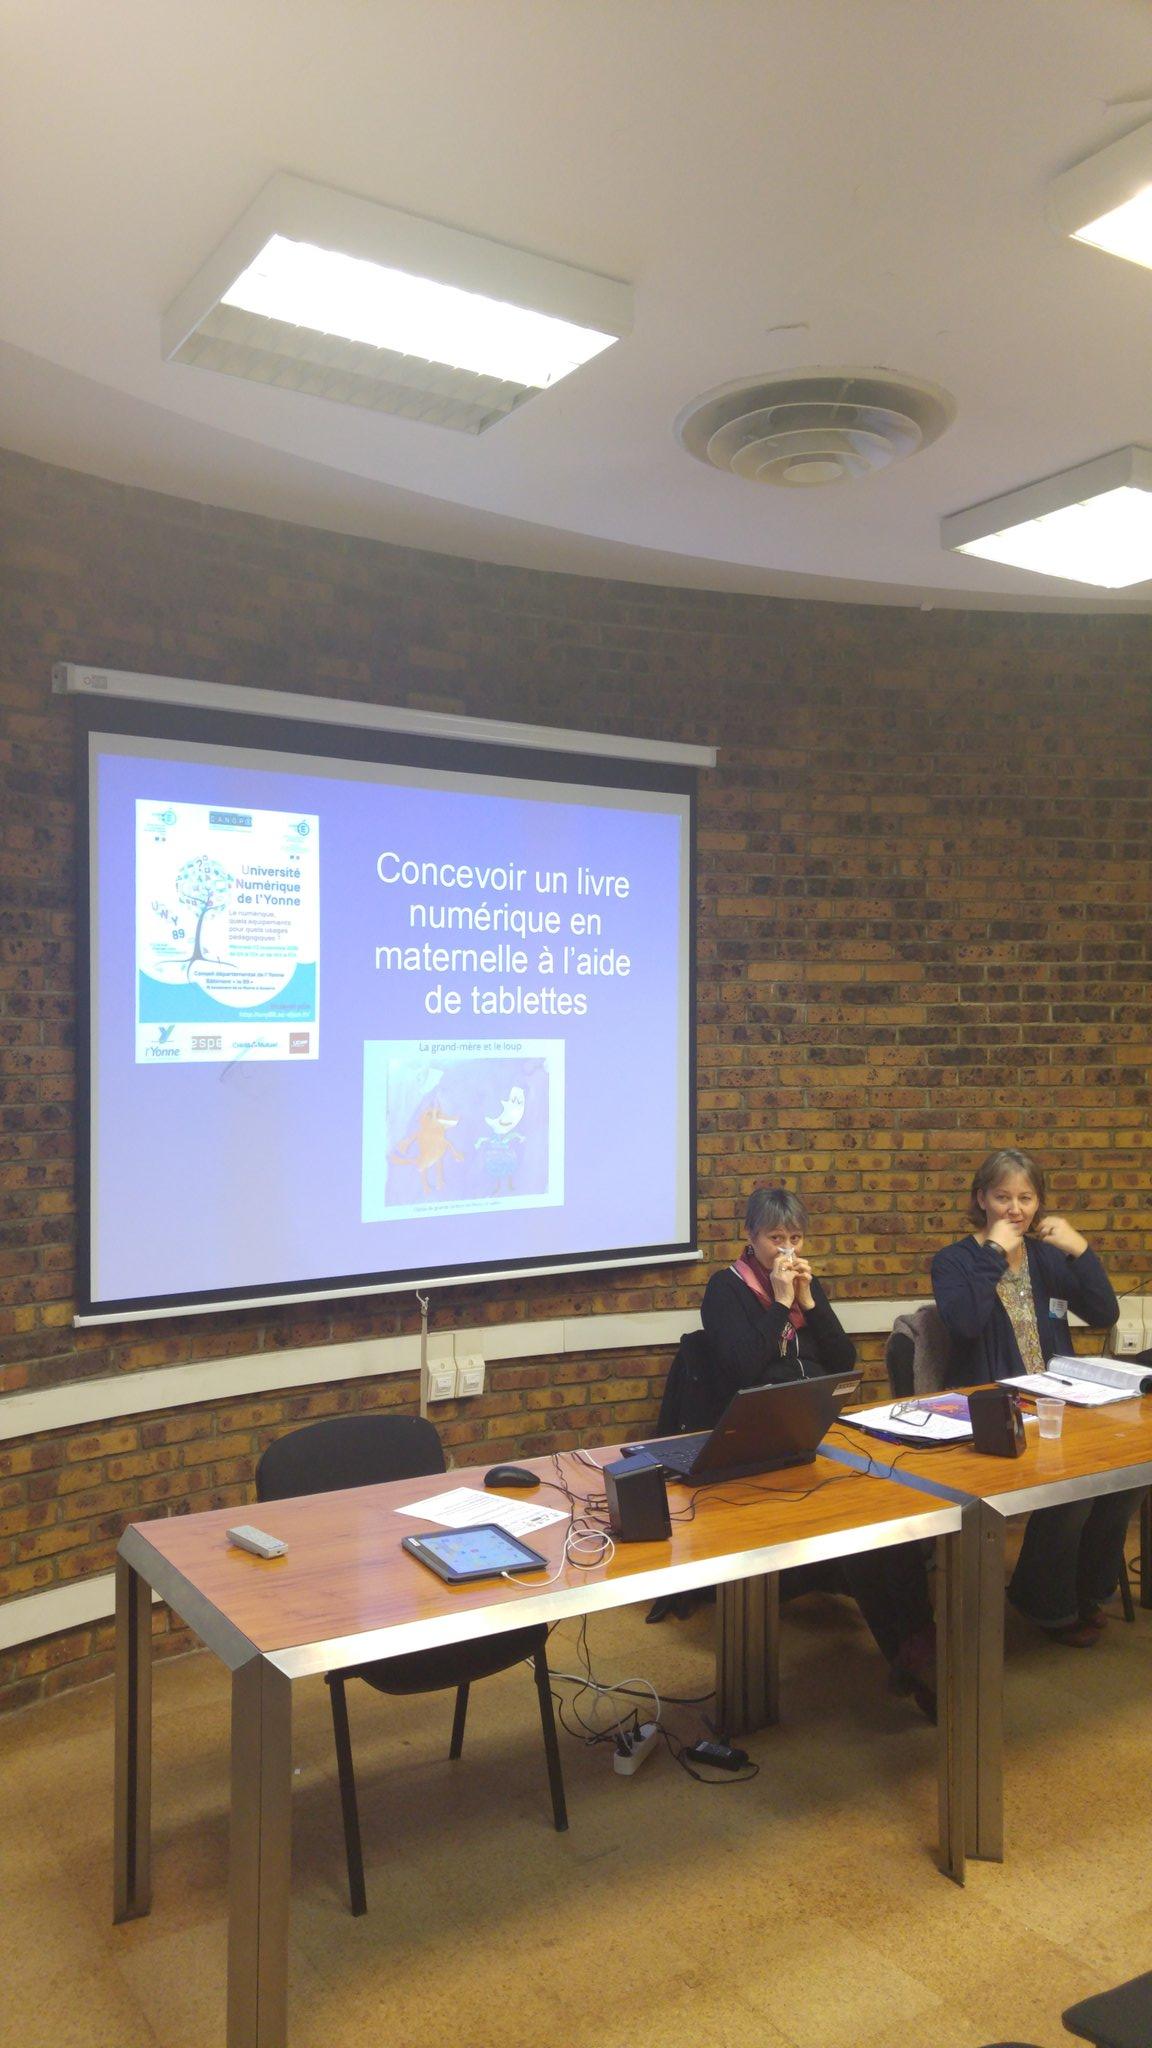 #UNY89 concevoir un livre numérique en maternelle revient cet après-midi salle Epineuil @canope_89 https://t.co/jL1II8uIJU